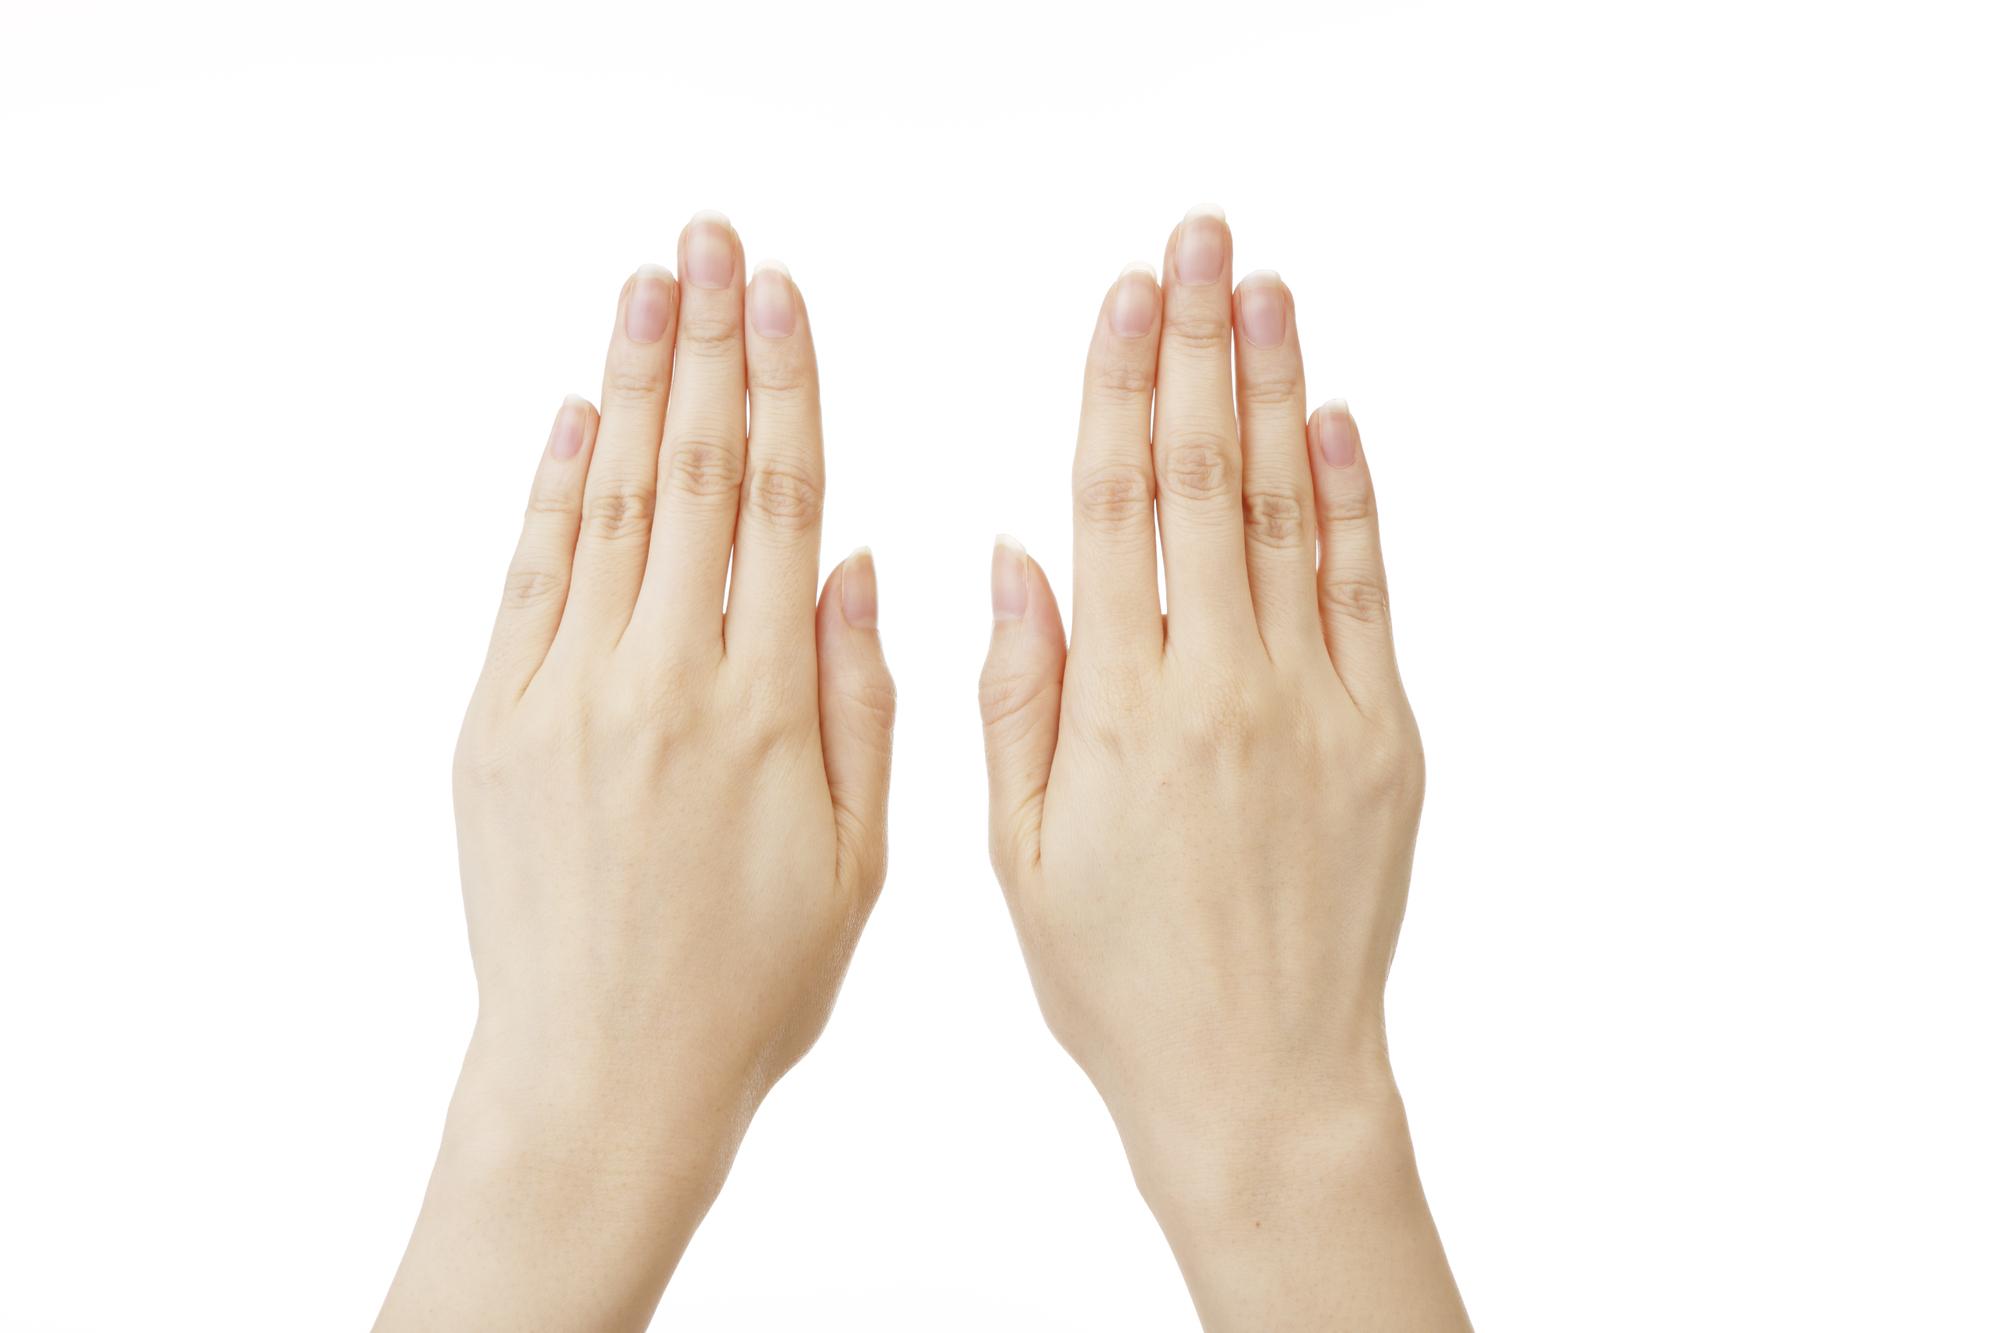 両手を並べる